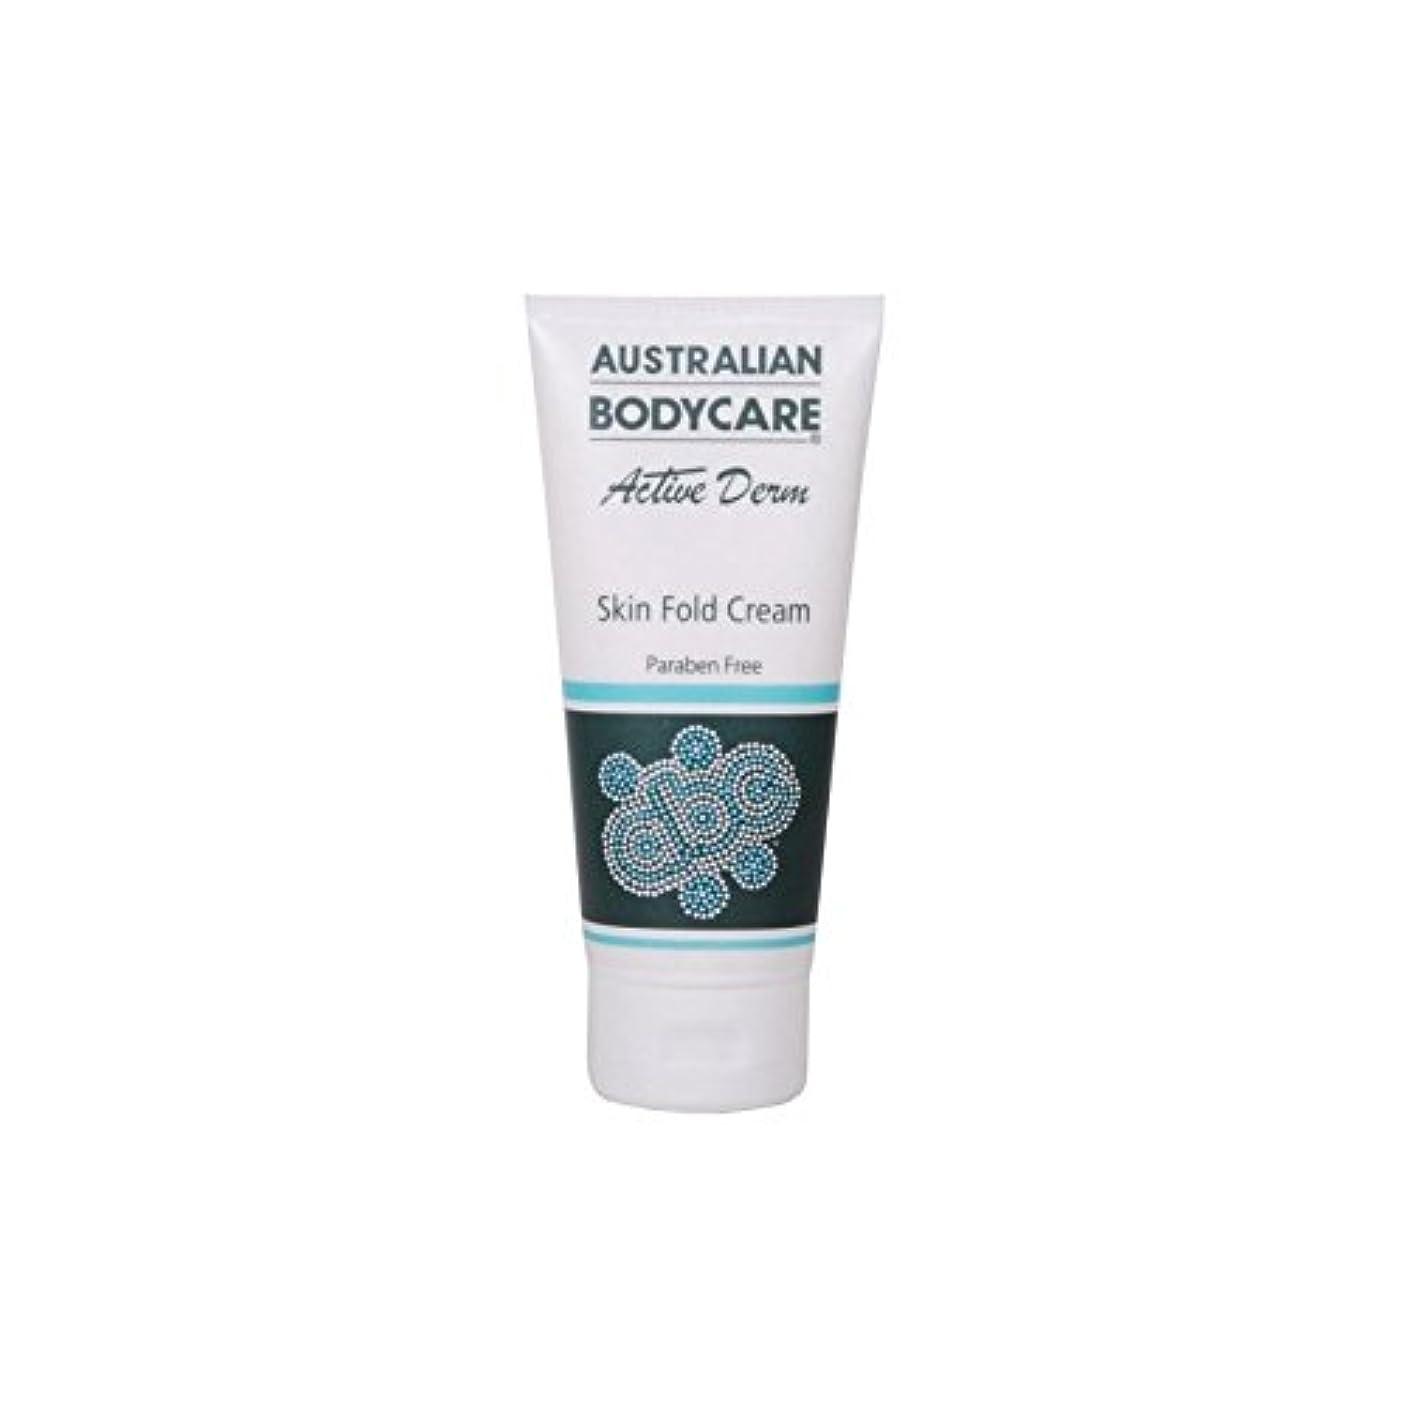 傾向がありますコーヒー食い違いAustralian Bodycare Active Derm Skin Fold Cream (100ml) (Pack of 6) - オーストラリアのボディケアアクティブダーム皮膚のひだクリーム(100ミリリットル) x6 [並行輸入品]